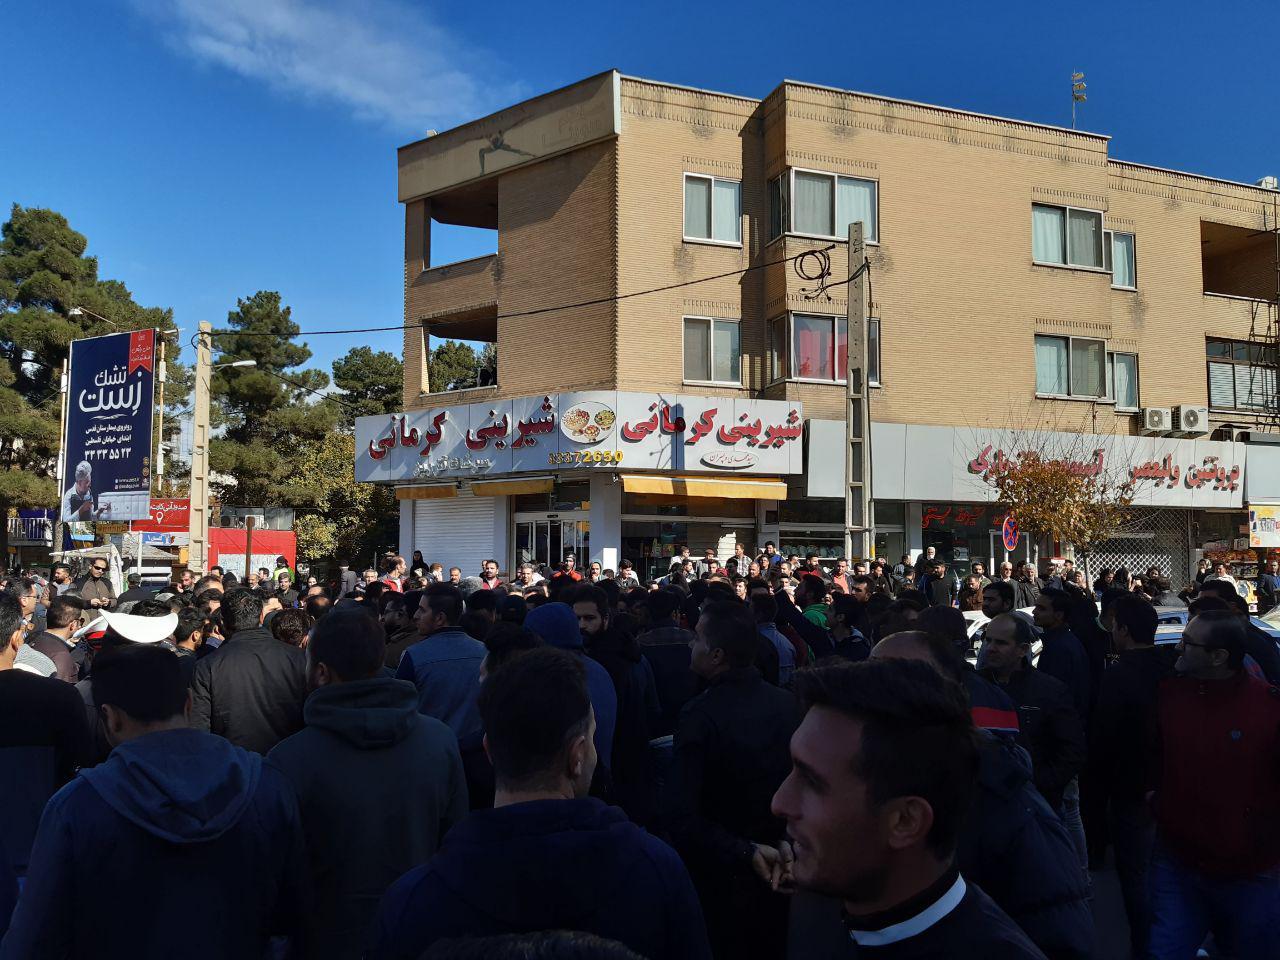 تجمع مسالمتآمیز مردم قزوین در انتقاد به گرانی بنزین برگزار شد+تصاویر